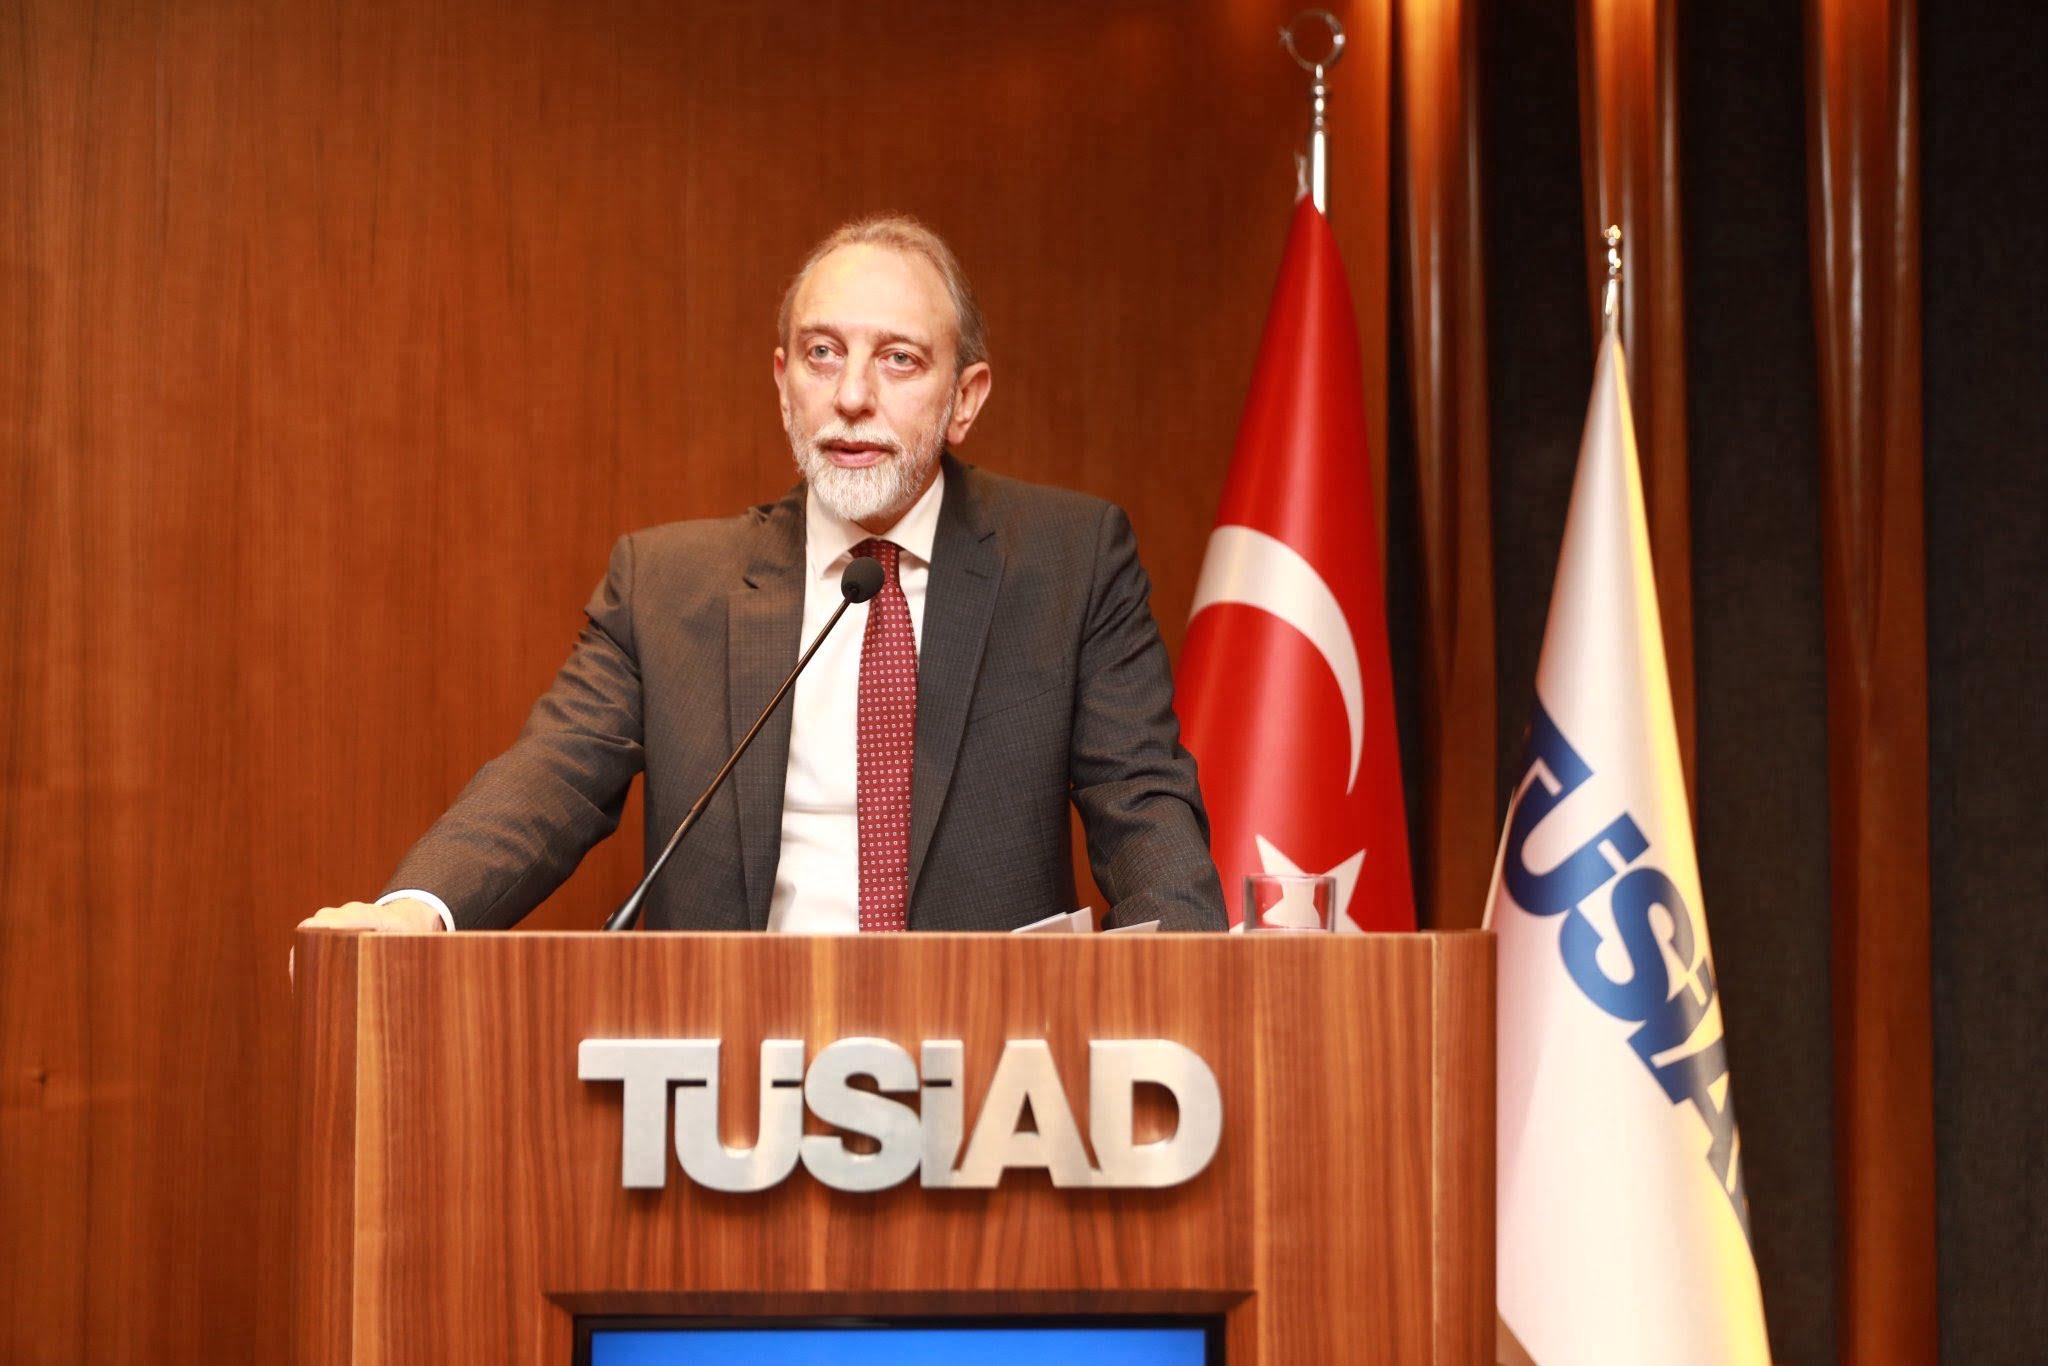 TÜSİAD-European School of Management and Technology (ESMT) İşbirliği Kapsamında Sanayi 4.0 Etkinliği Gerçekleştirildi